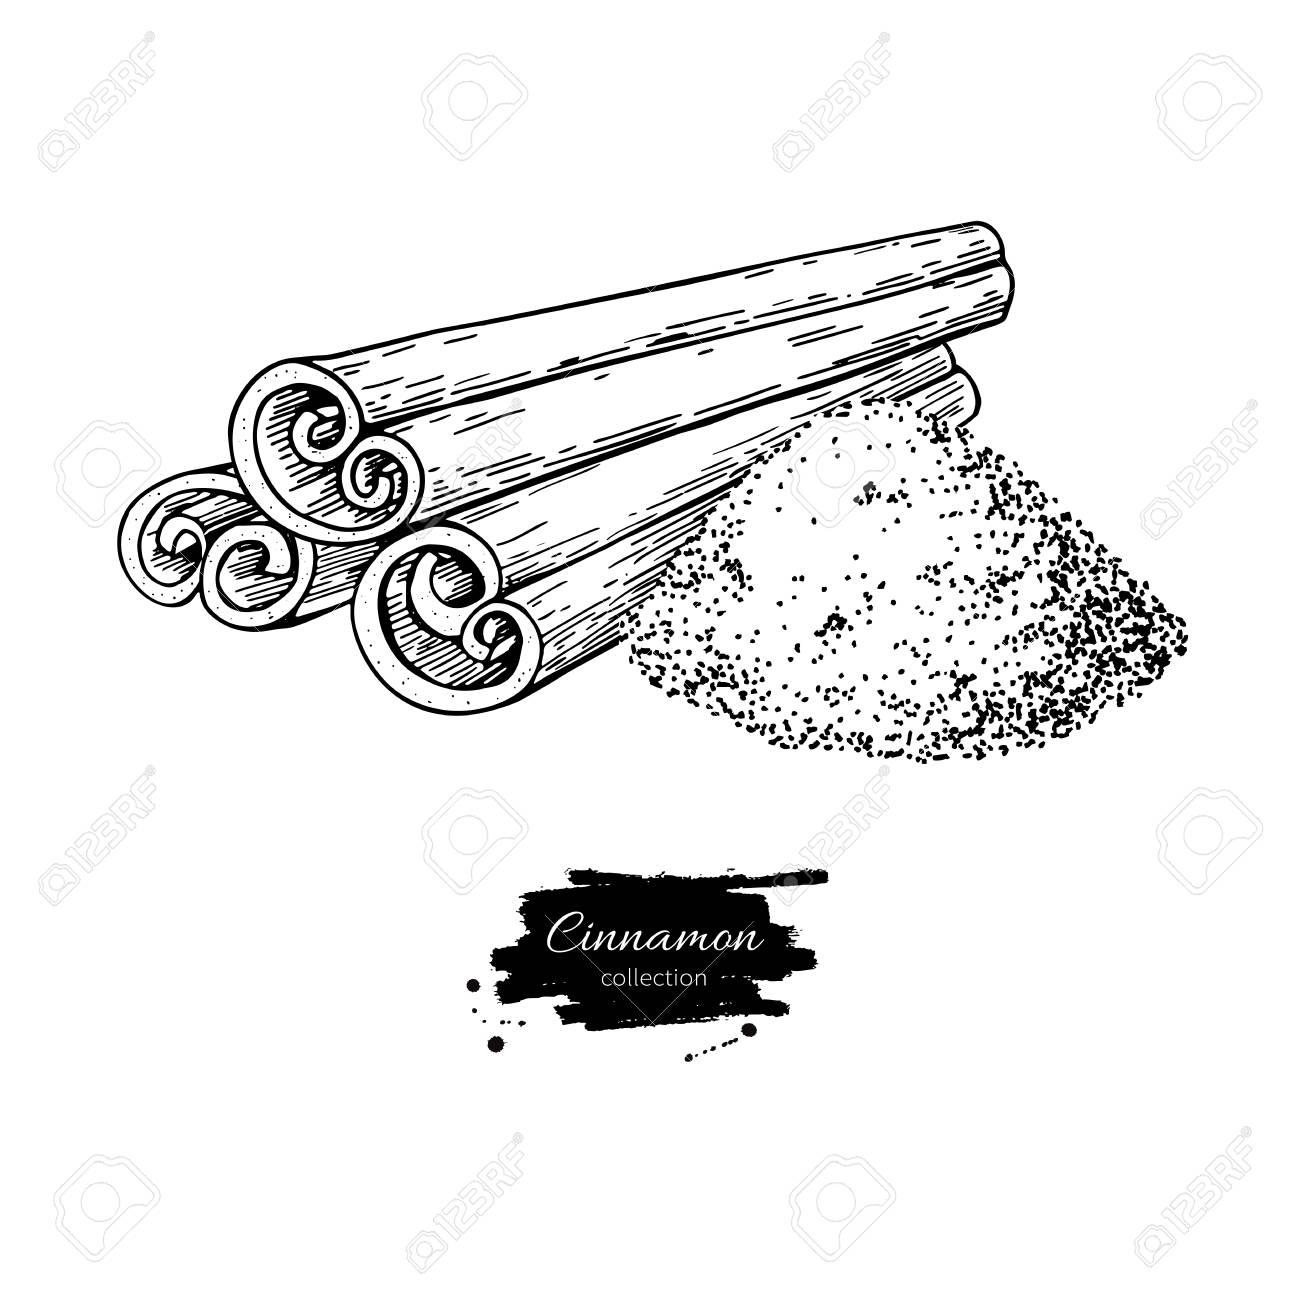 Bâton De Cannelle Et Dessin Vectoriel De Poudre Croquis Dessiné Main Nourriture Saisonnière